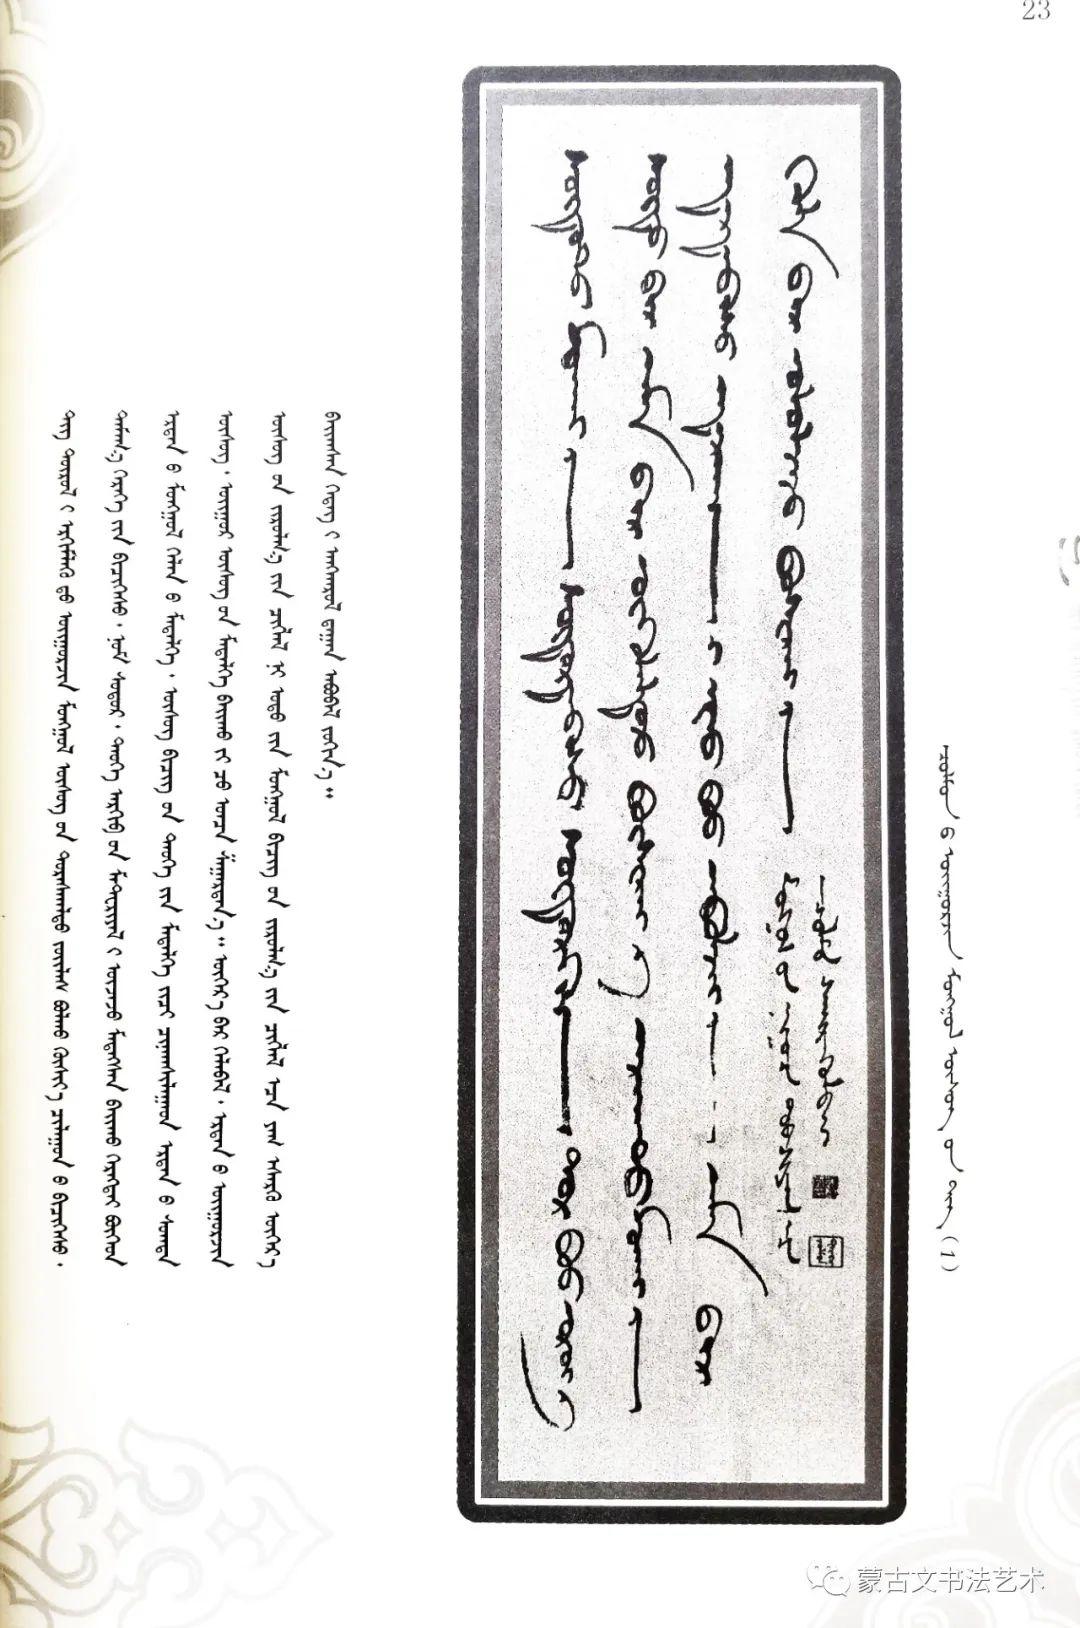 巴图巴雅尔和《蒙古文书法概要》 第12张 巴图巴雅尔和《蒙古文书法概要》 蒙古书法